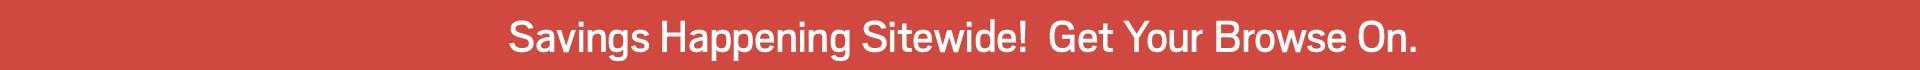 Sitewide savings.